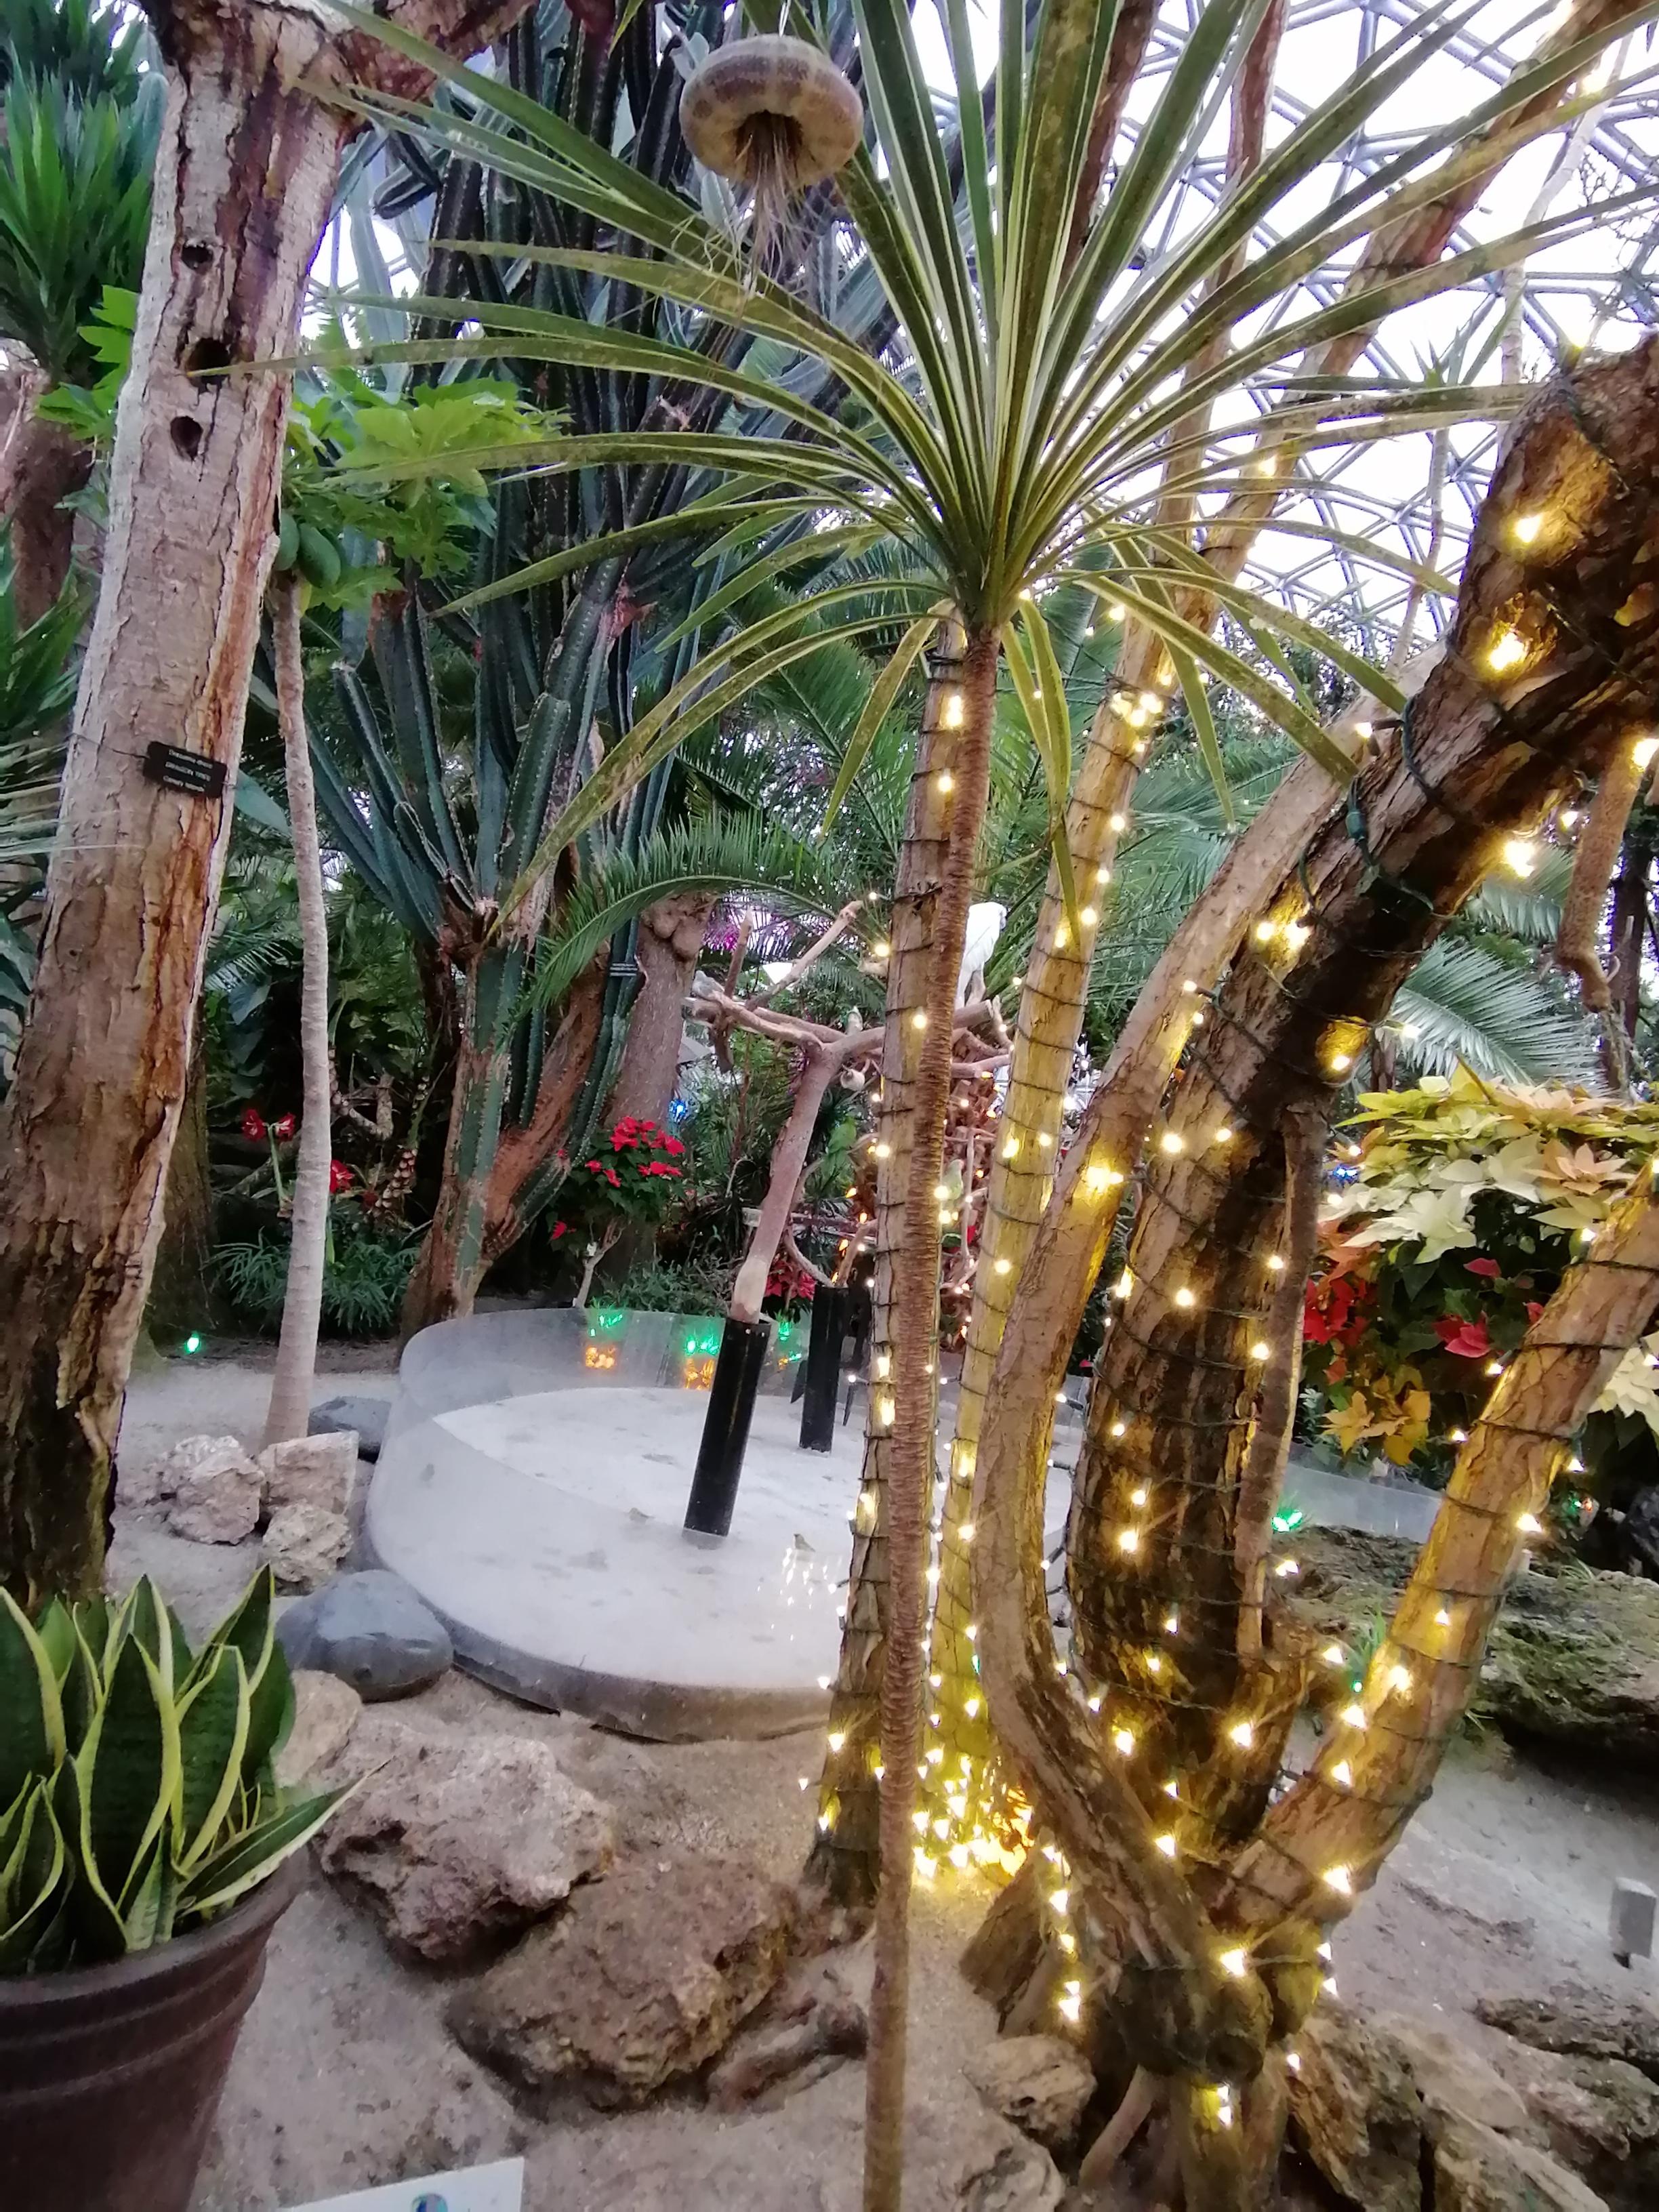 エリザベスパークの頂上にある「鳥のドーム型楽園」、正式名所「ブレーデル・コンサーバトリー」の中のライトアップされた写真